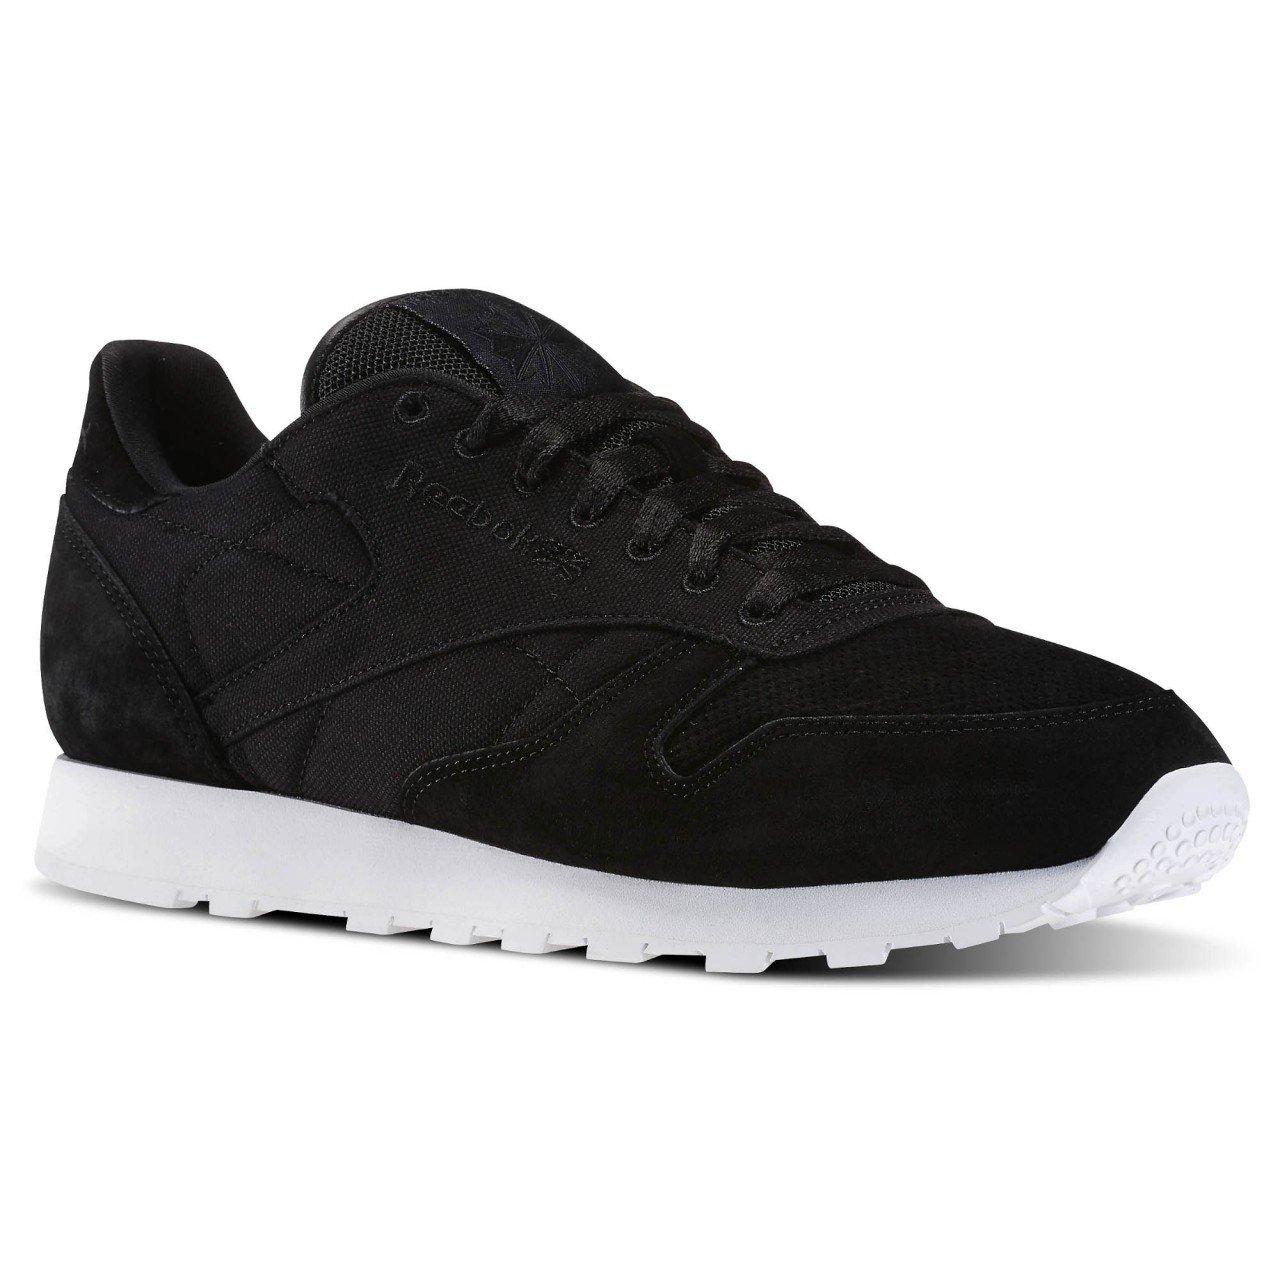 Reebok Cl Leather Cc - schwarz Weiß, Größe 11.5